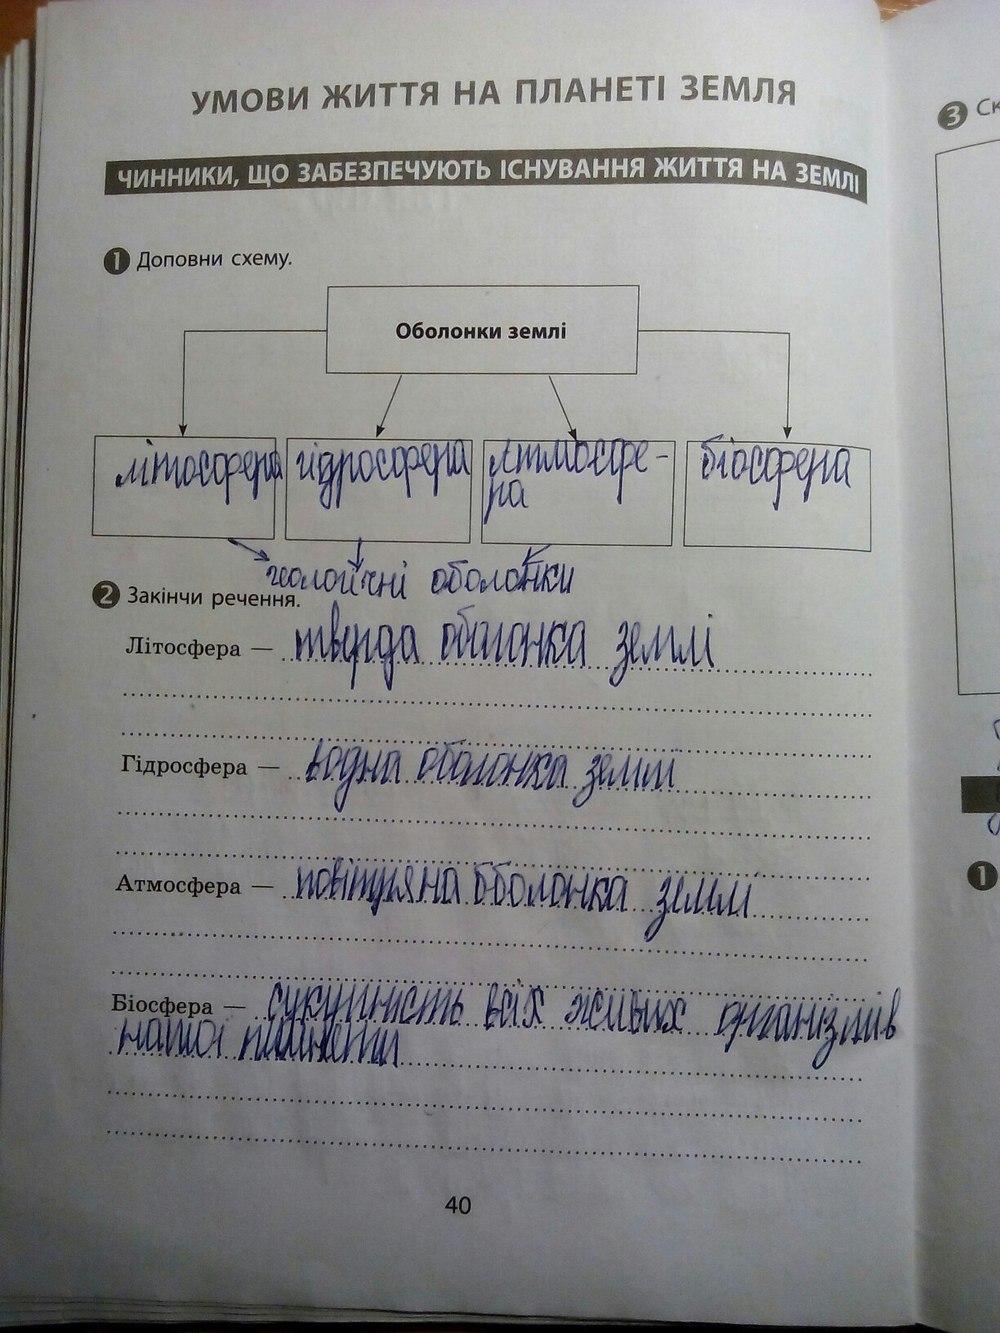 ГДЗ відповіді робочий зошит по биологии 5 класс. Задание: стр. 40